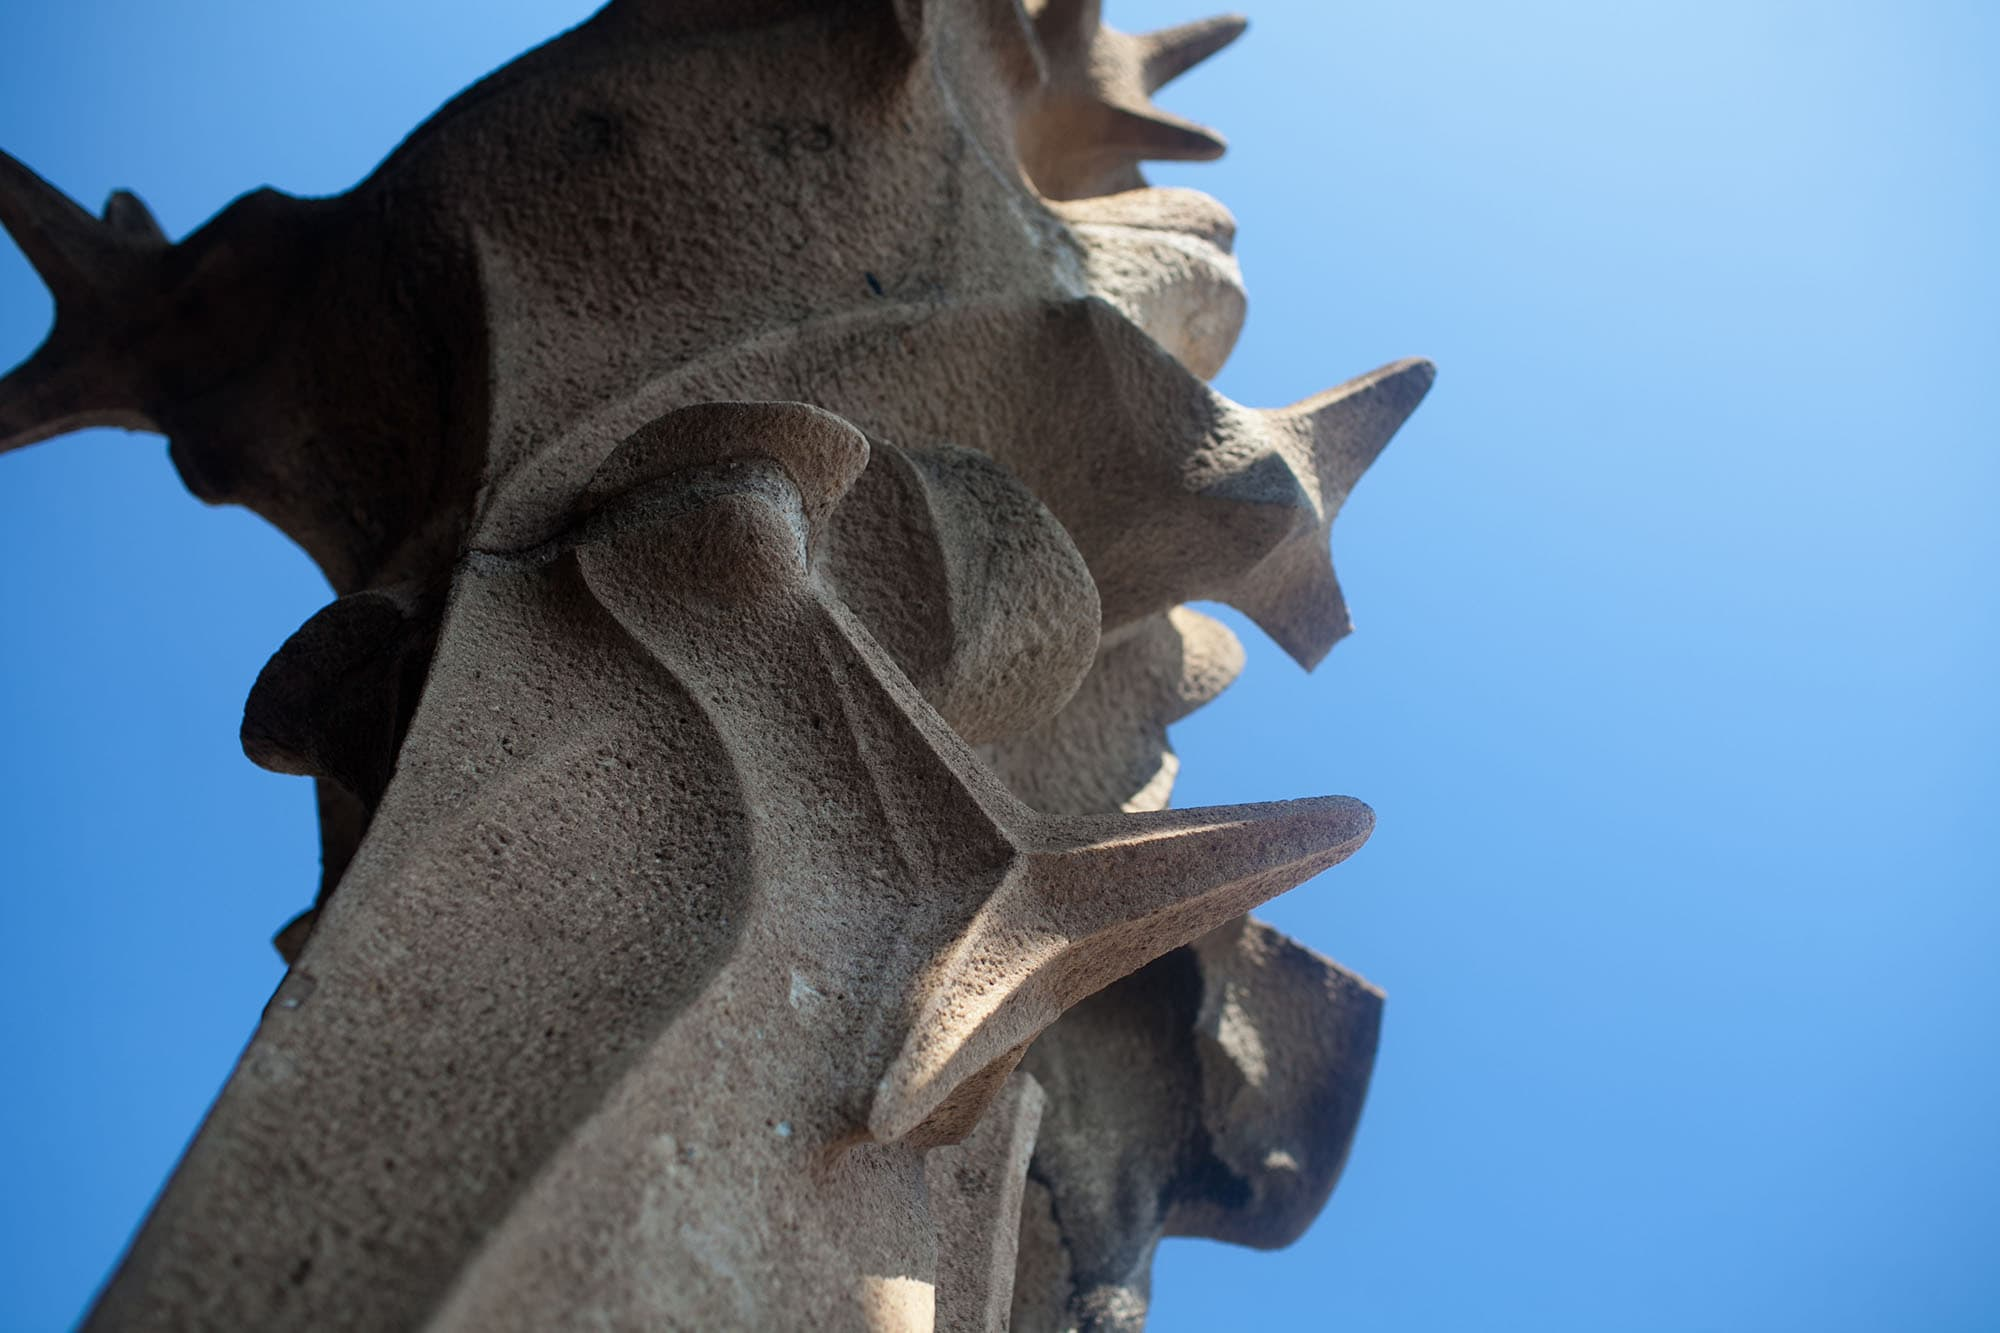 La Sagrada Família, Gaudi's unfinished cathedral in Barcelona, Spain